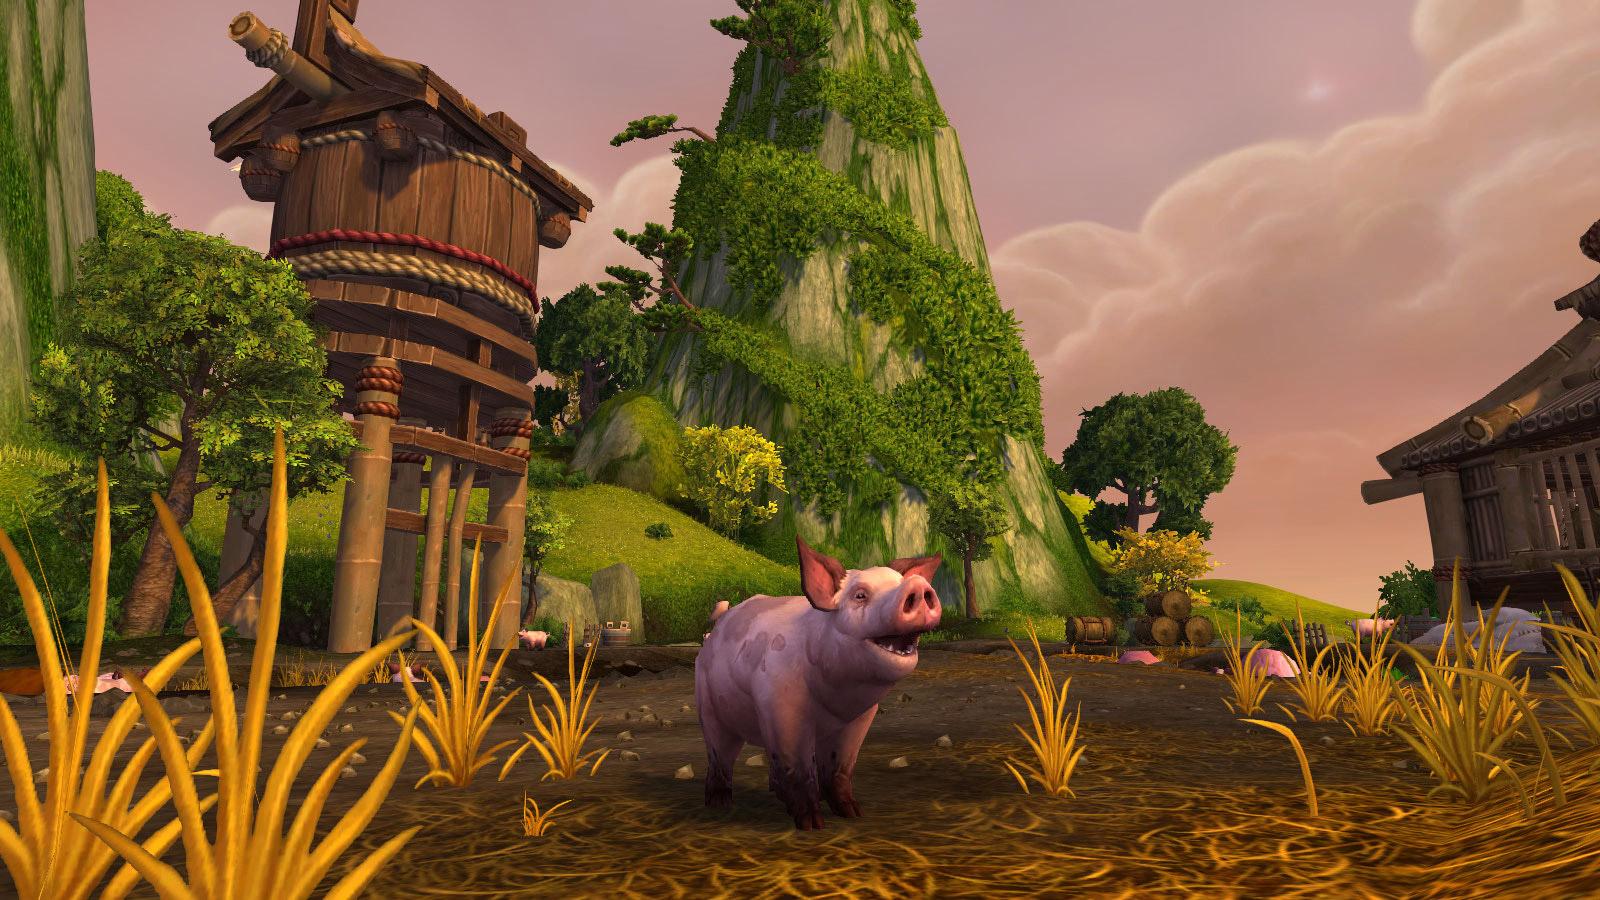 Nouveau modèle de cochon